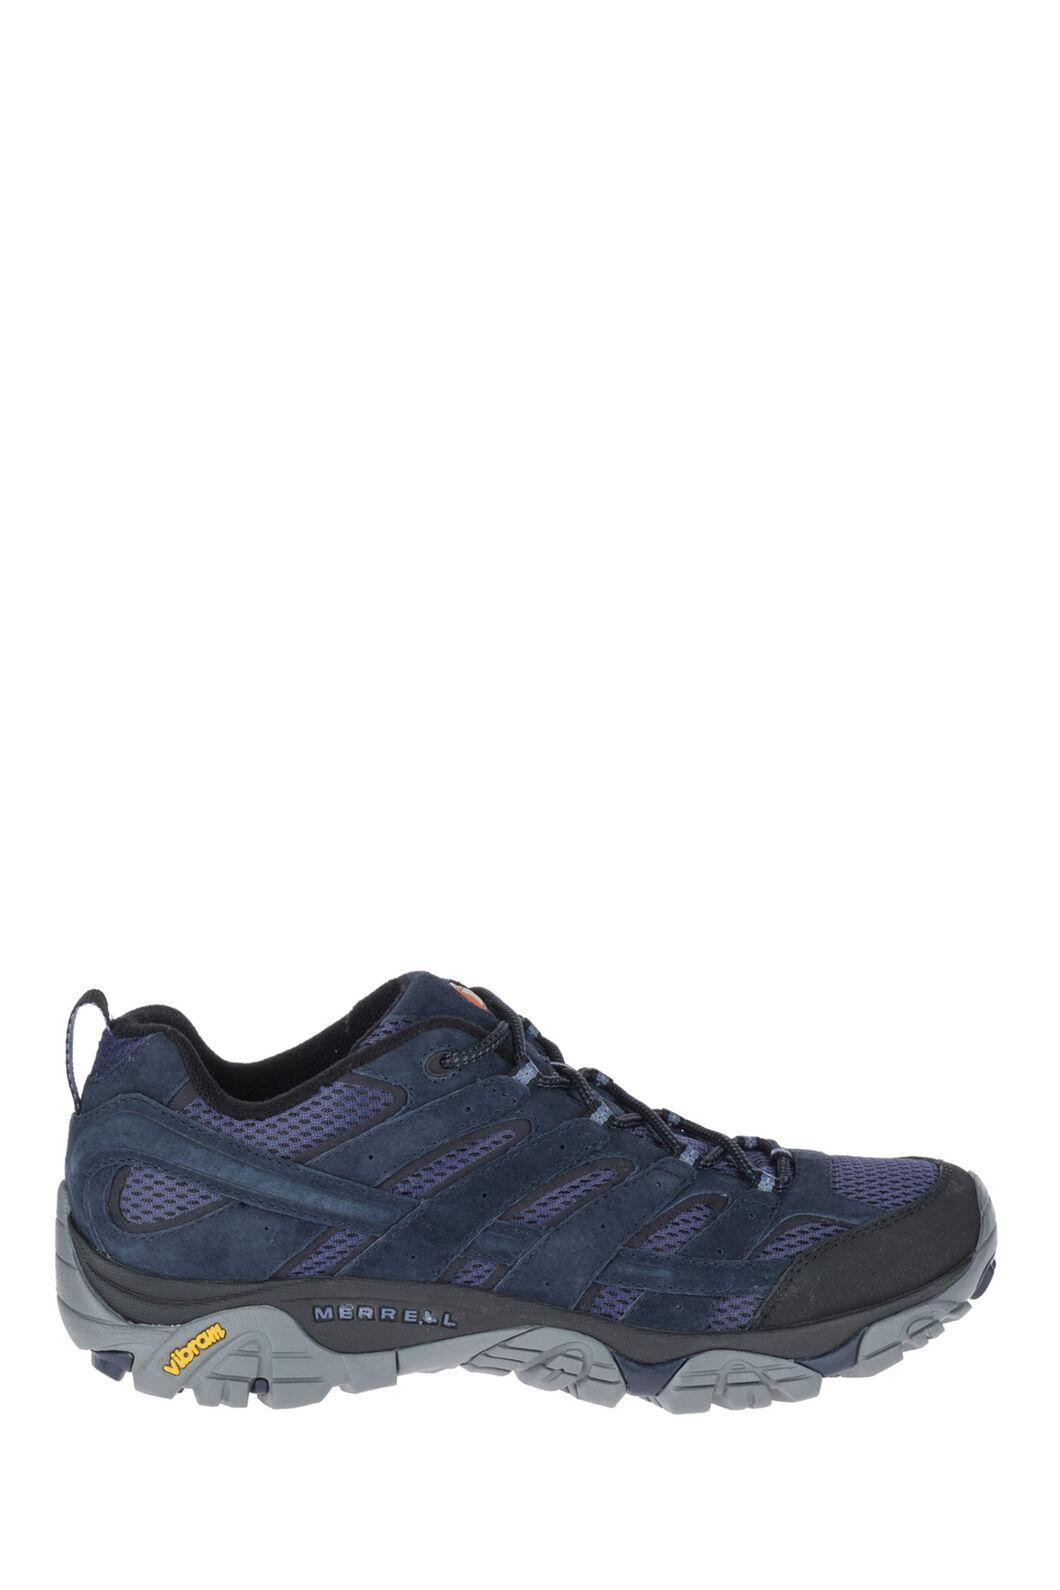 Merrell Moab 2 Ventilator Shoes — Men's, Navy, hi-res